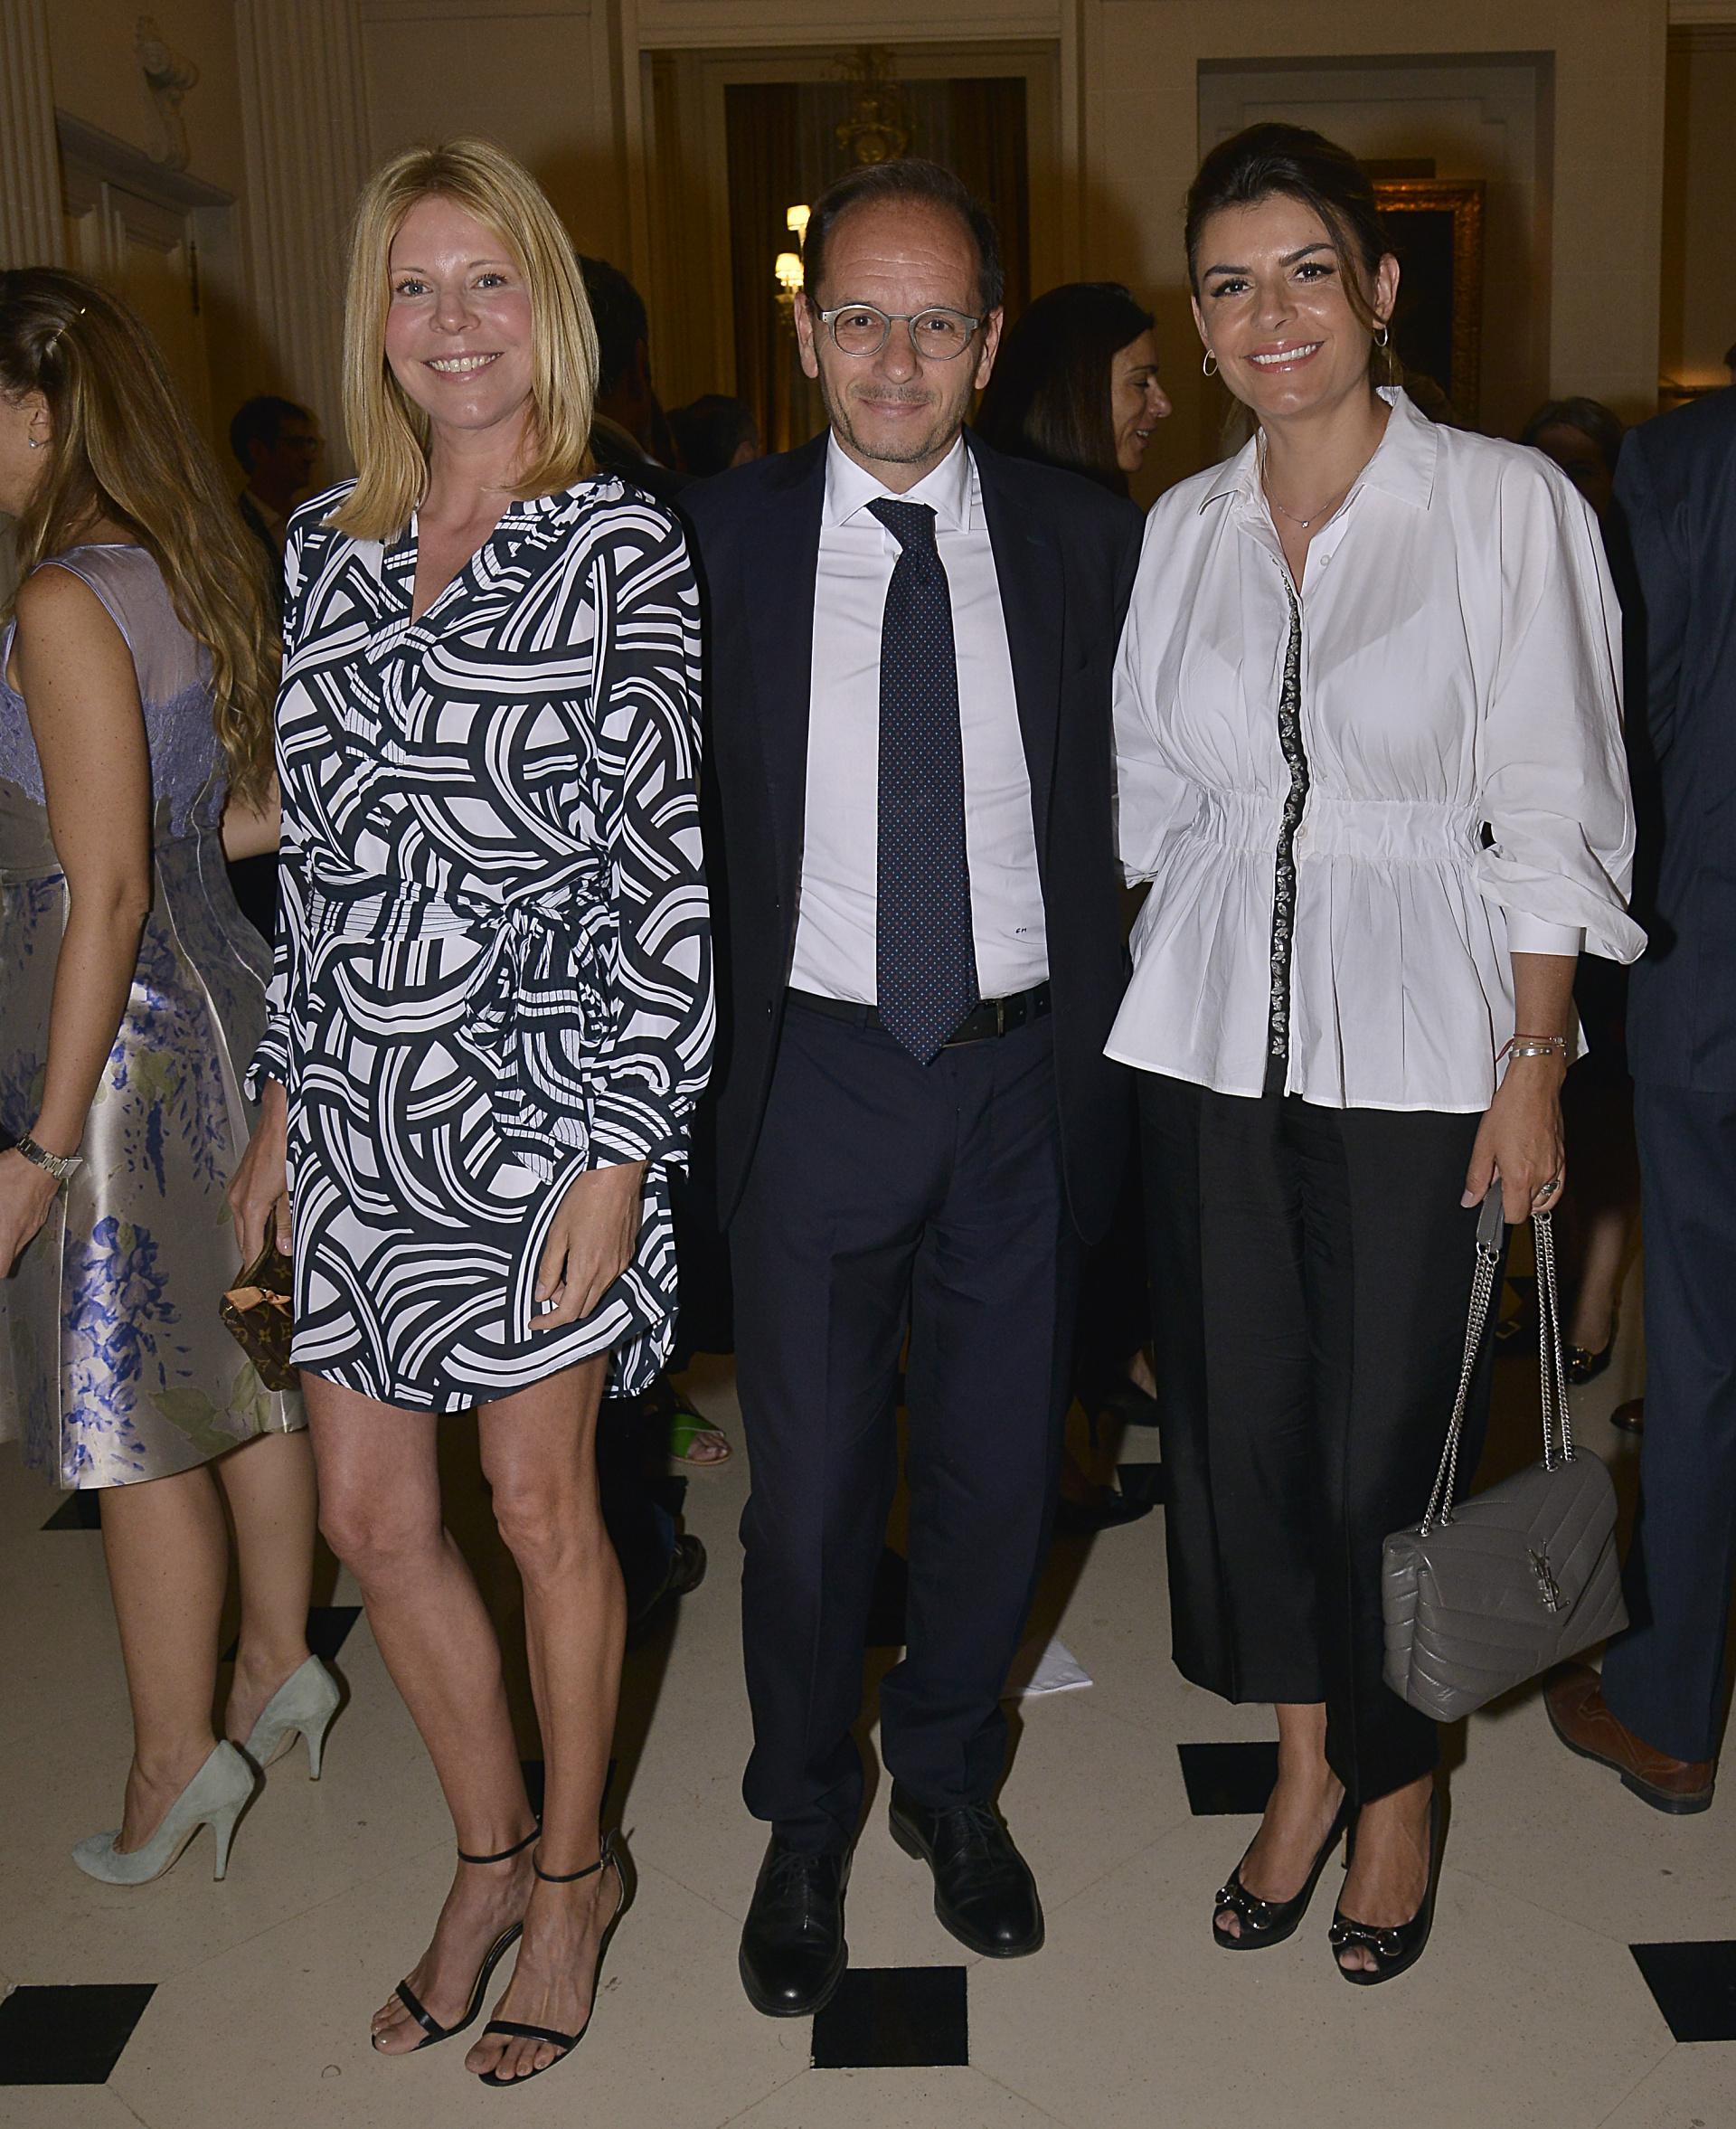 Magalí Auger, Giuseppe Manzo y Sandra Castellanos de Waisman